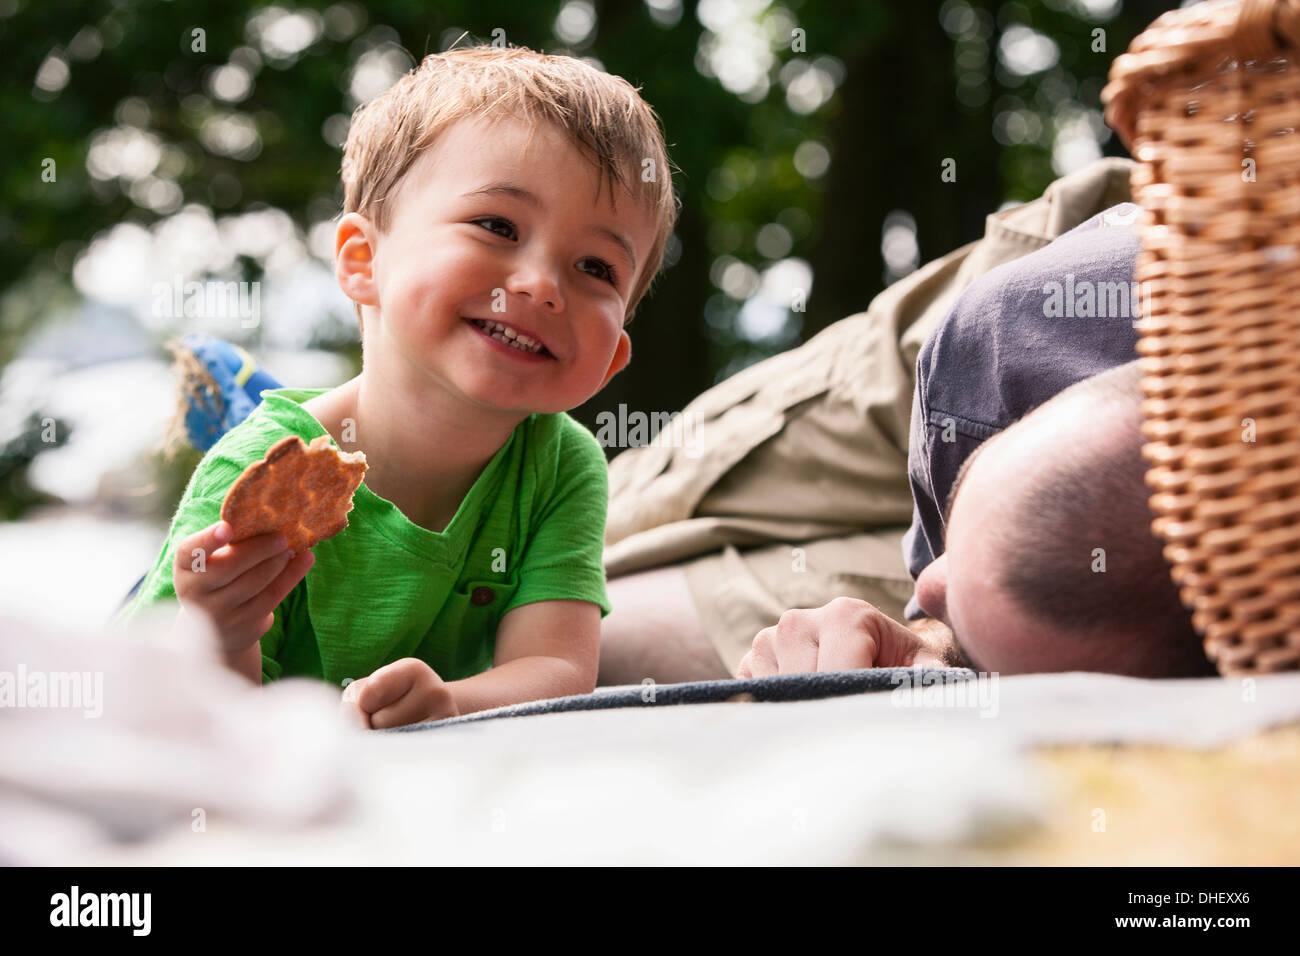 Pique-nique avec père garçon bénéficiant Photo Stock